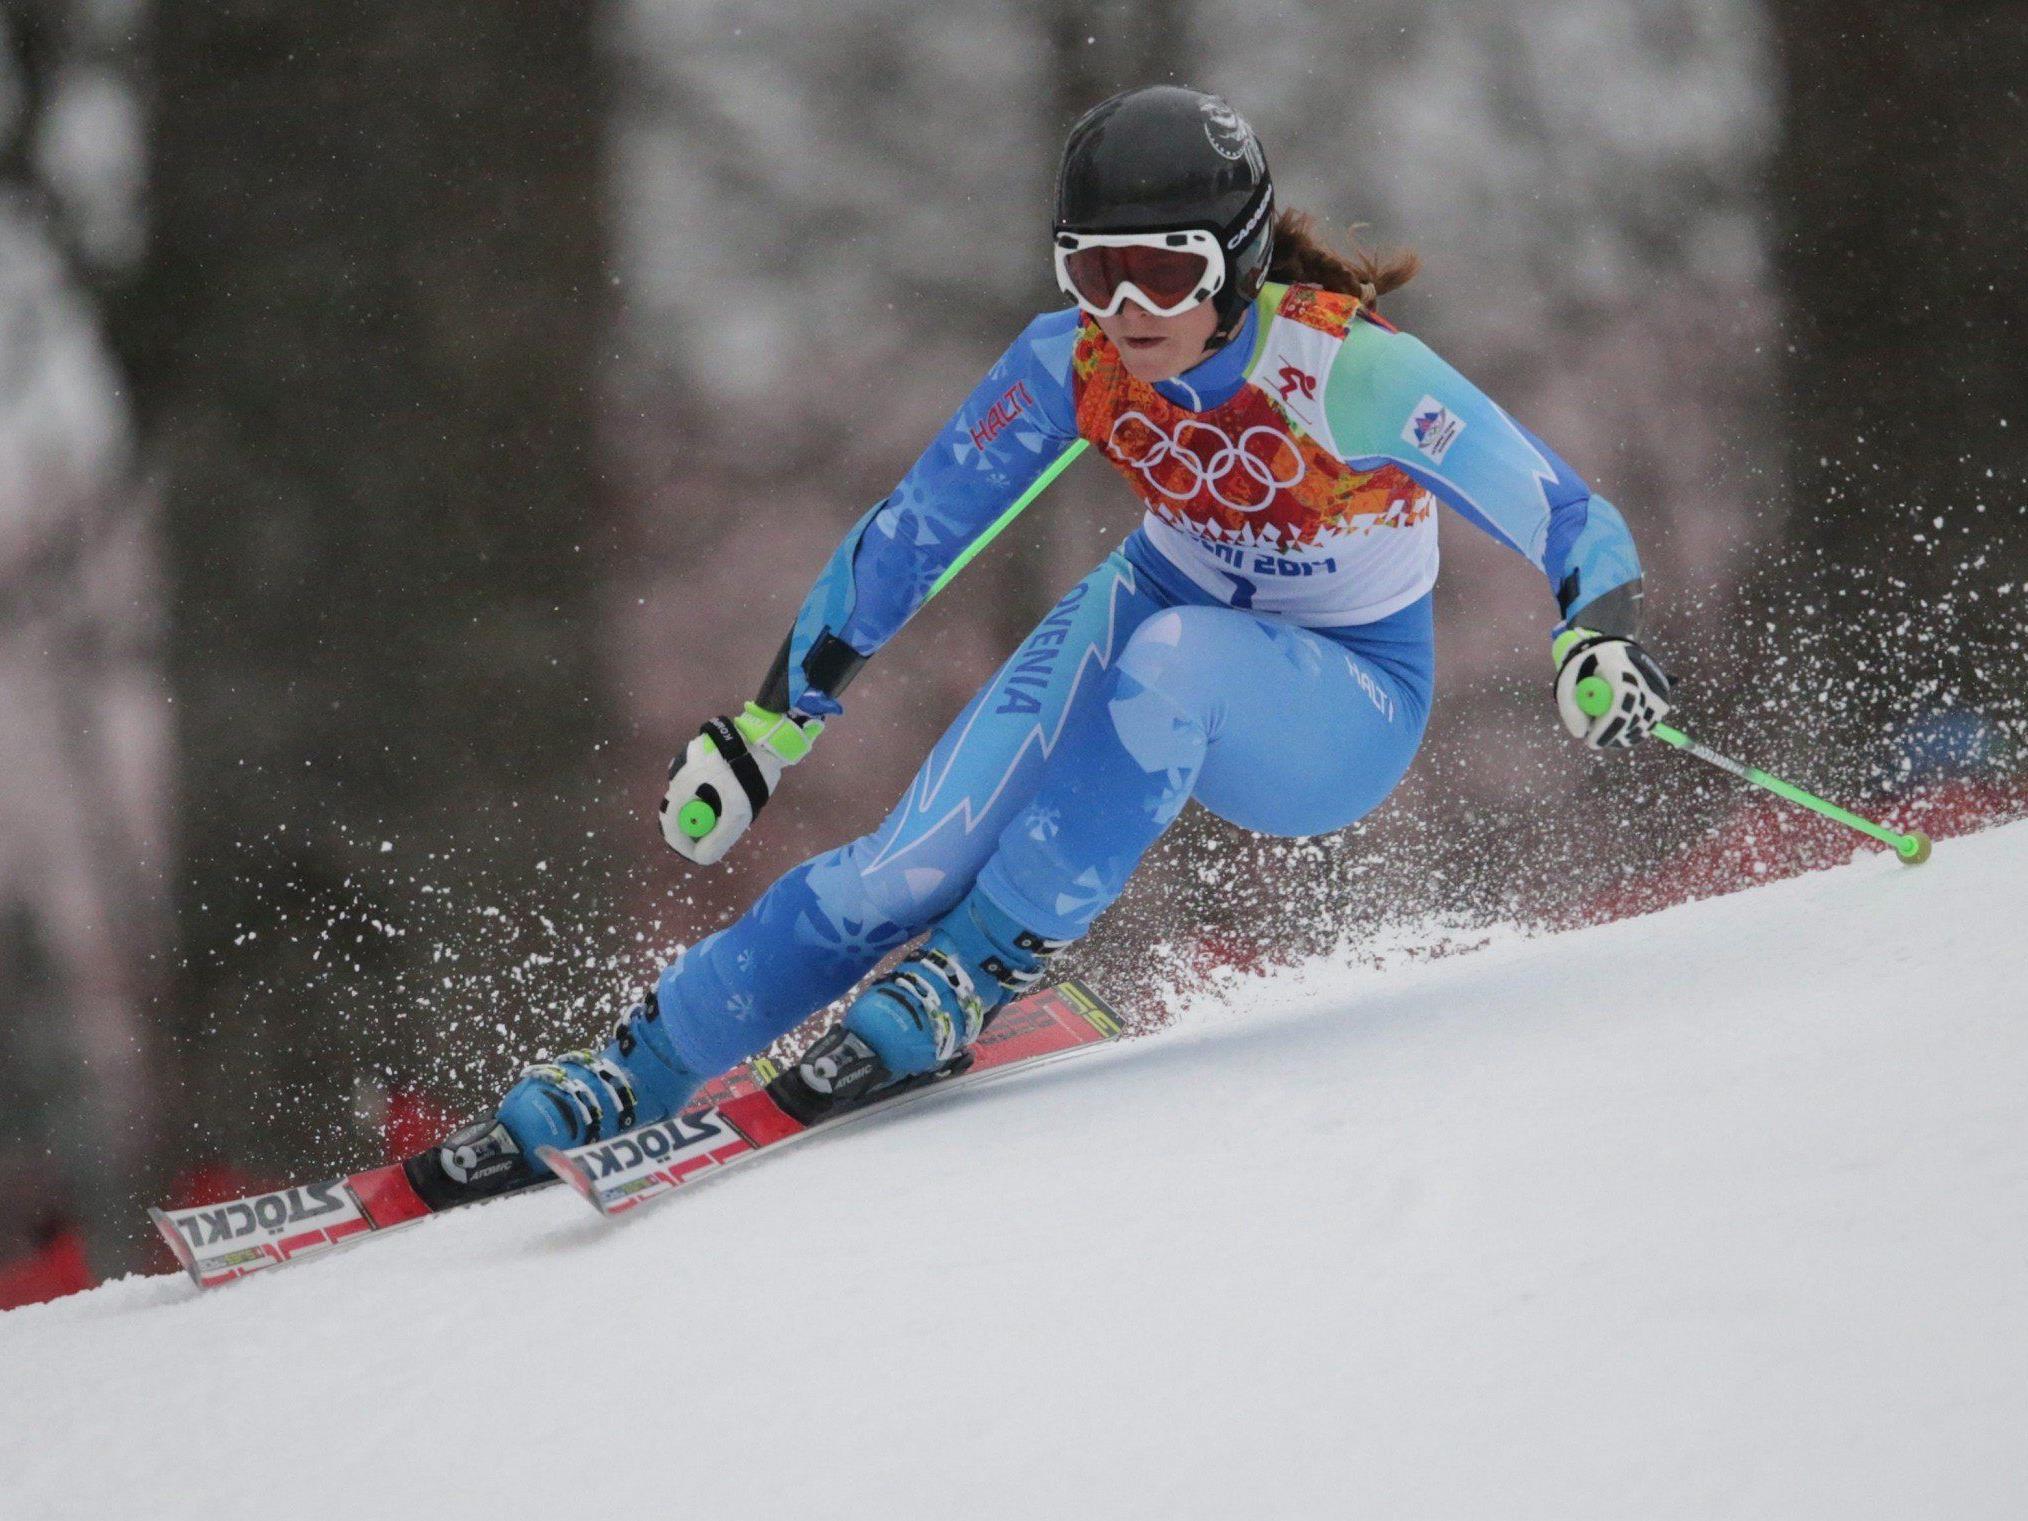 Tina Maze nach erstem Durchgang vorne, Fenninger bei weitem beste Österreicherin als Vierte.